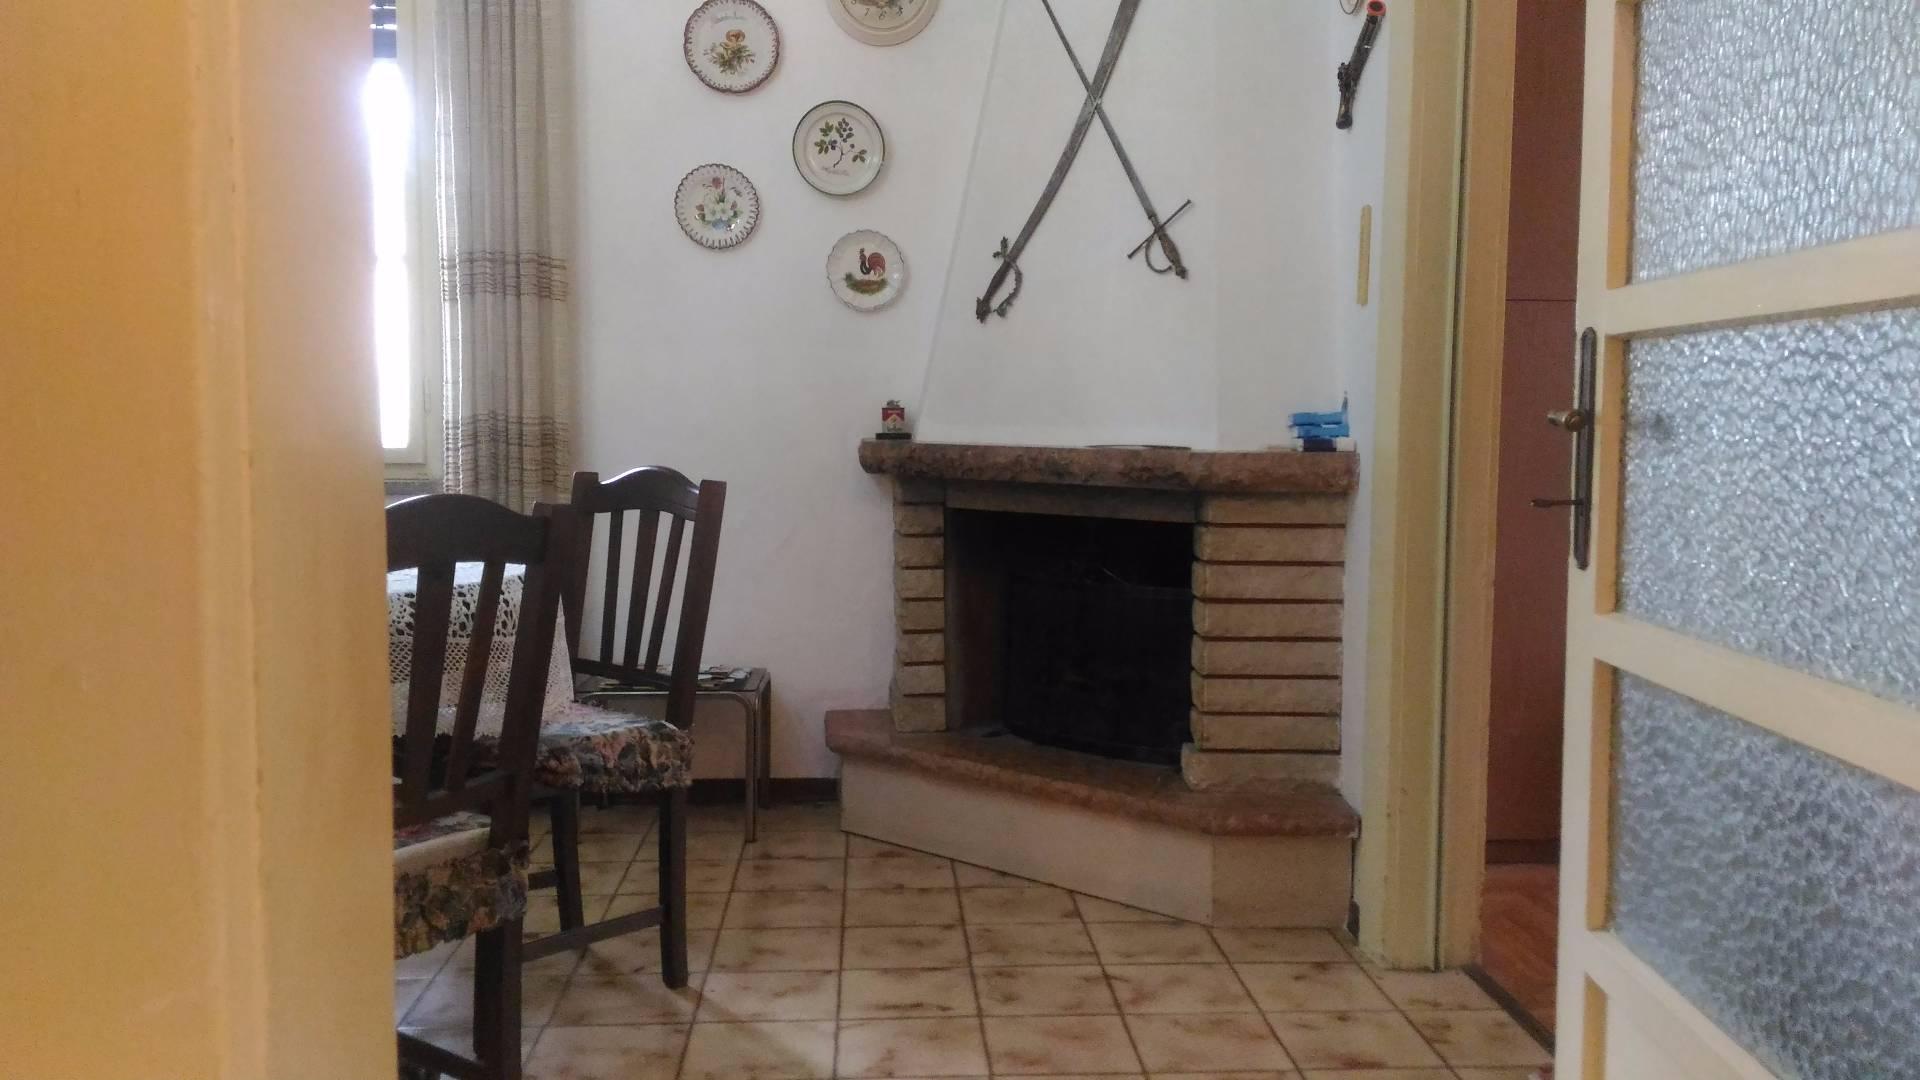 Appartamento in vendita a Udine, 3 locali, prezzo € 55.000 | CambioCasa.it